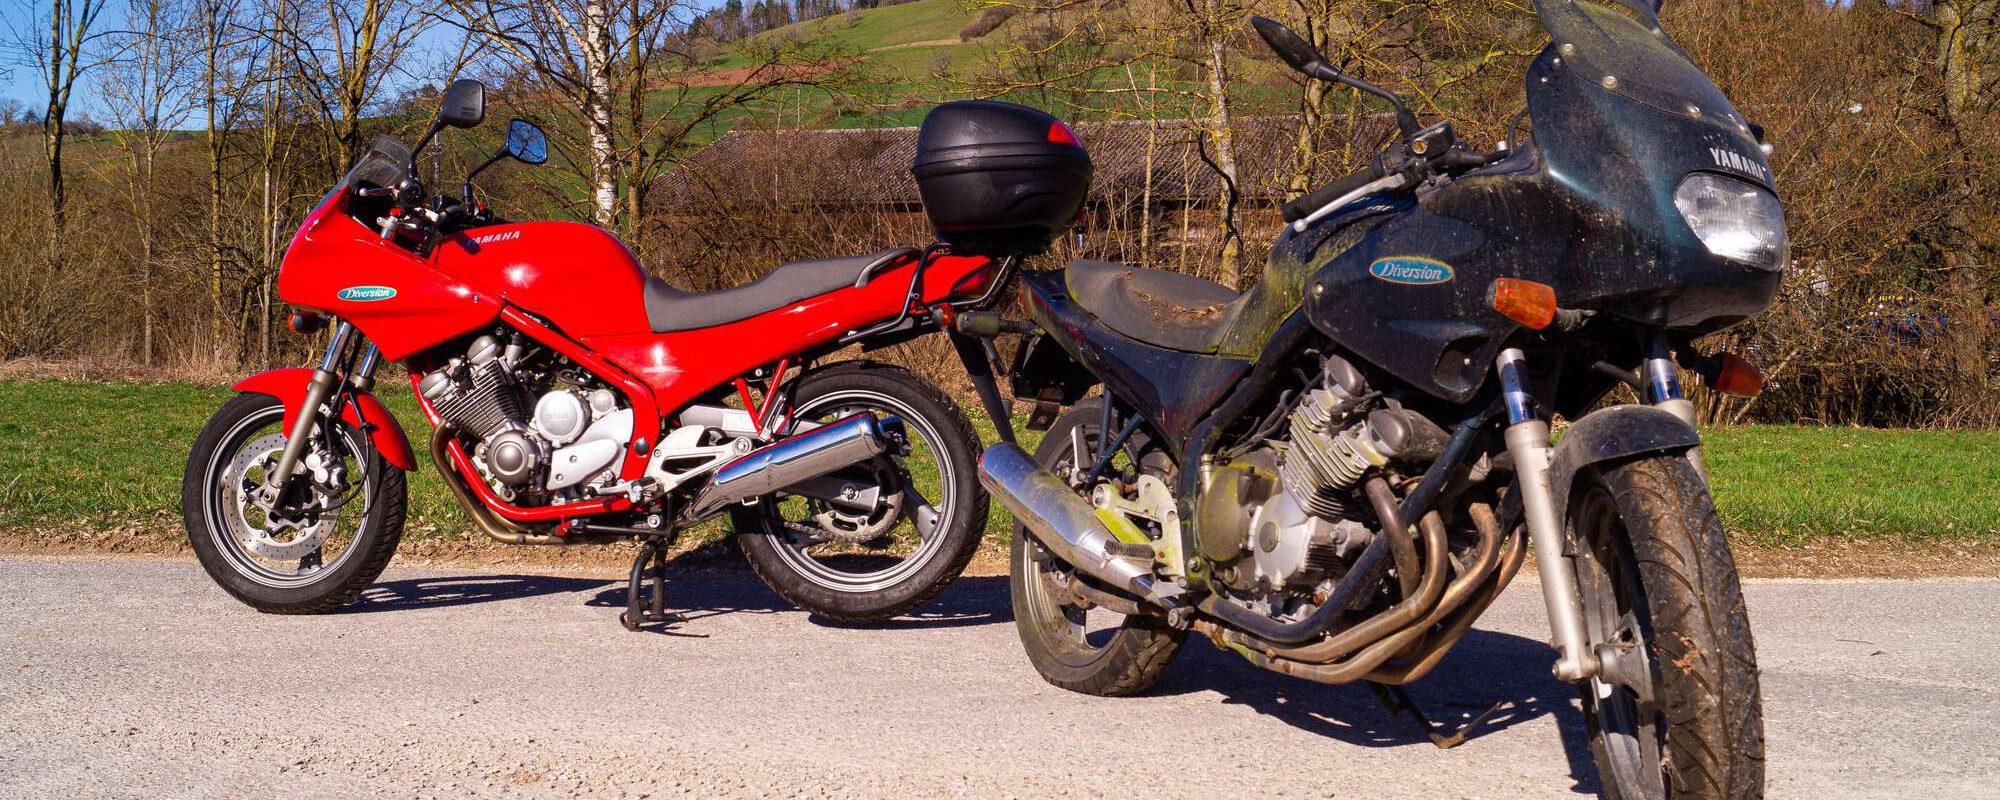 Motorrad-Entsorgung Ziegler Moto Recycling